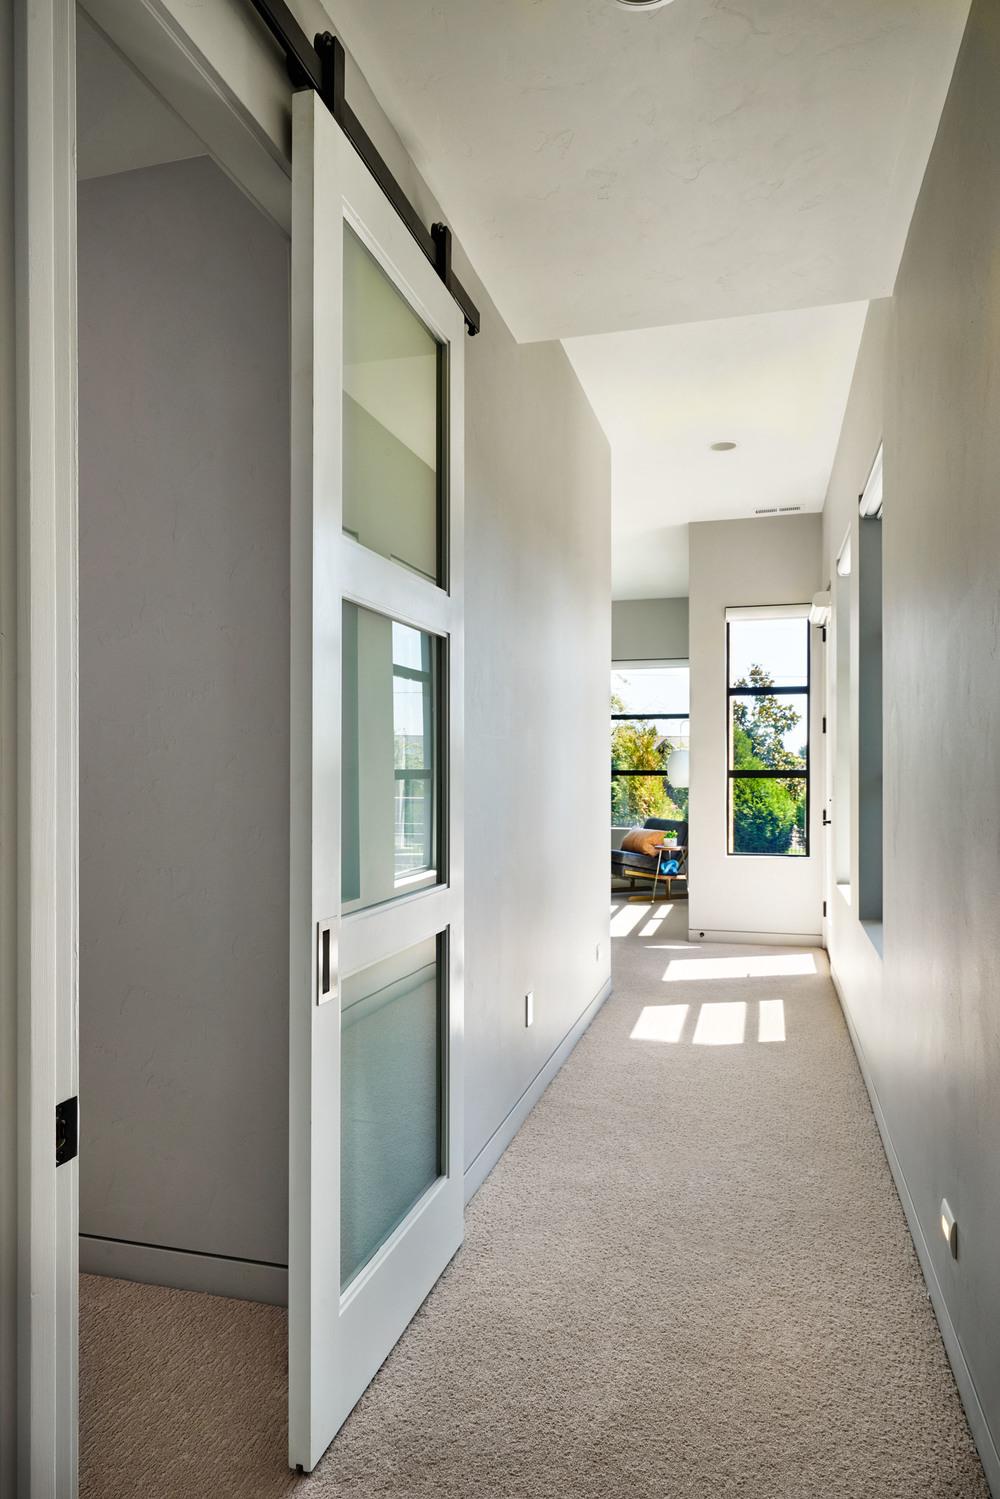 Sandhill Crane Hallway